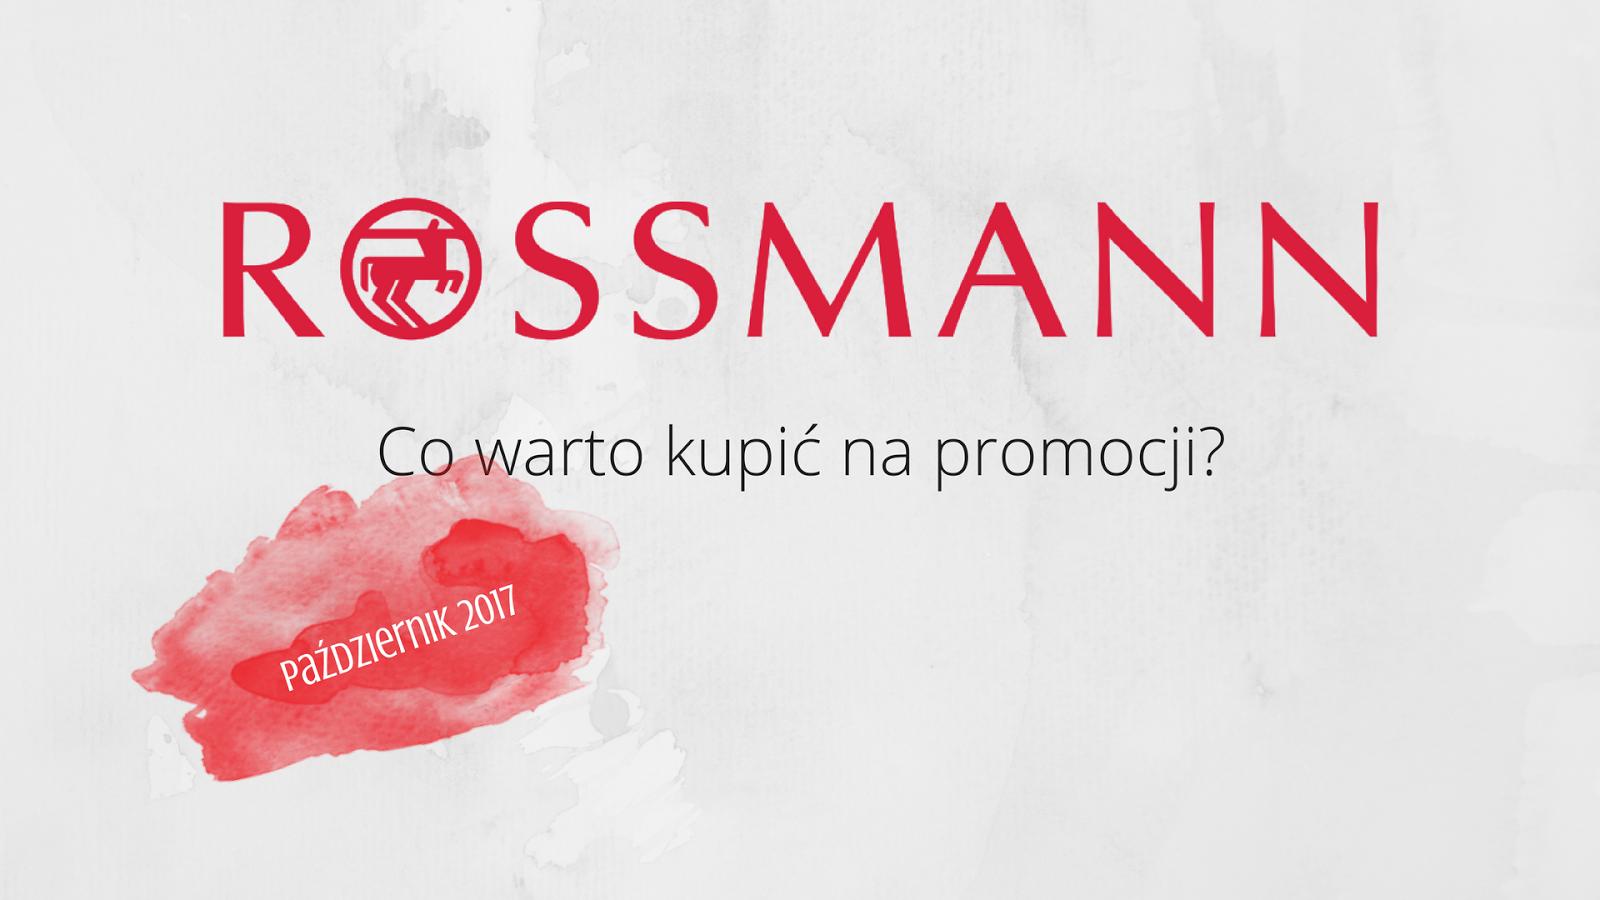 Kilka słów o...Rossmann: co warto kupić na promocji? Październik 2017